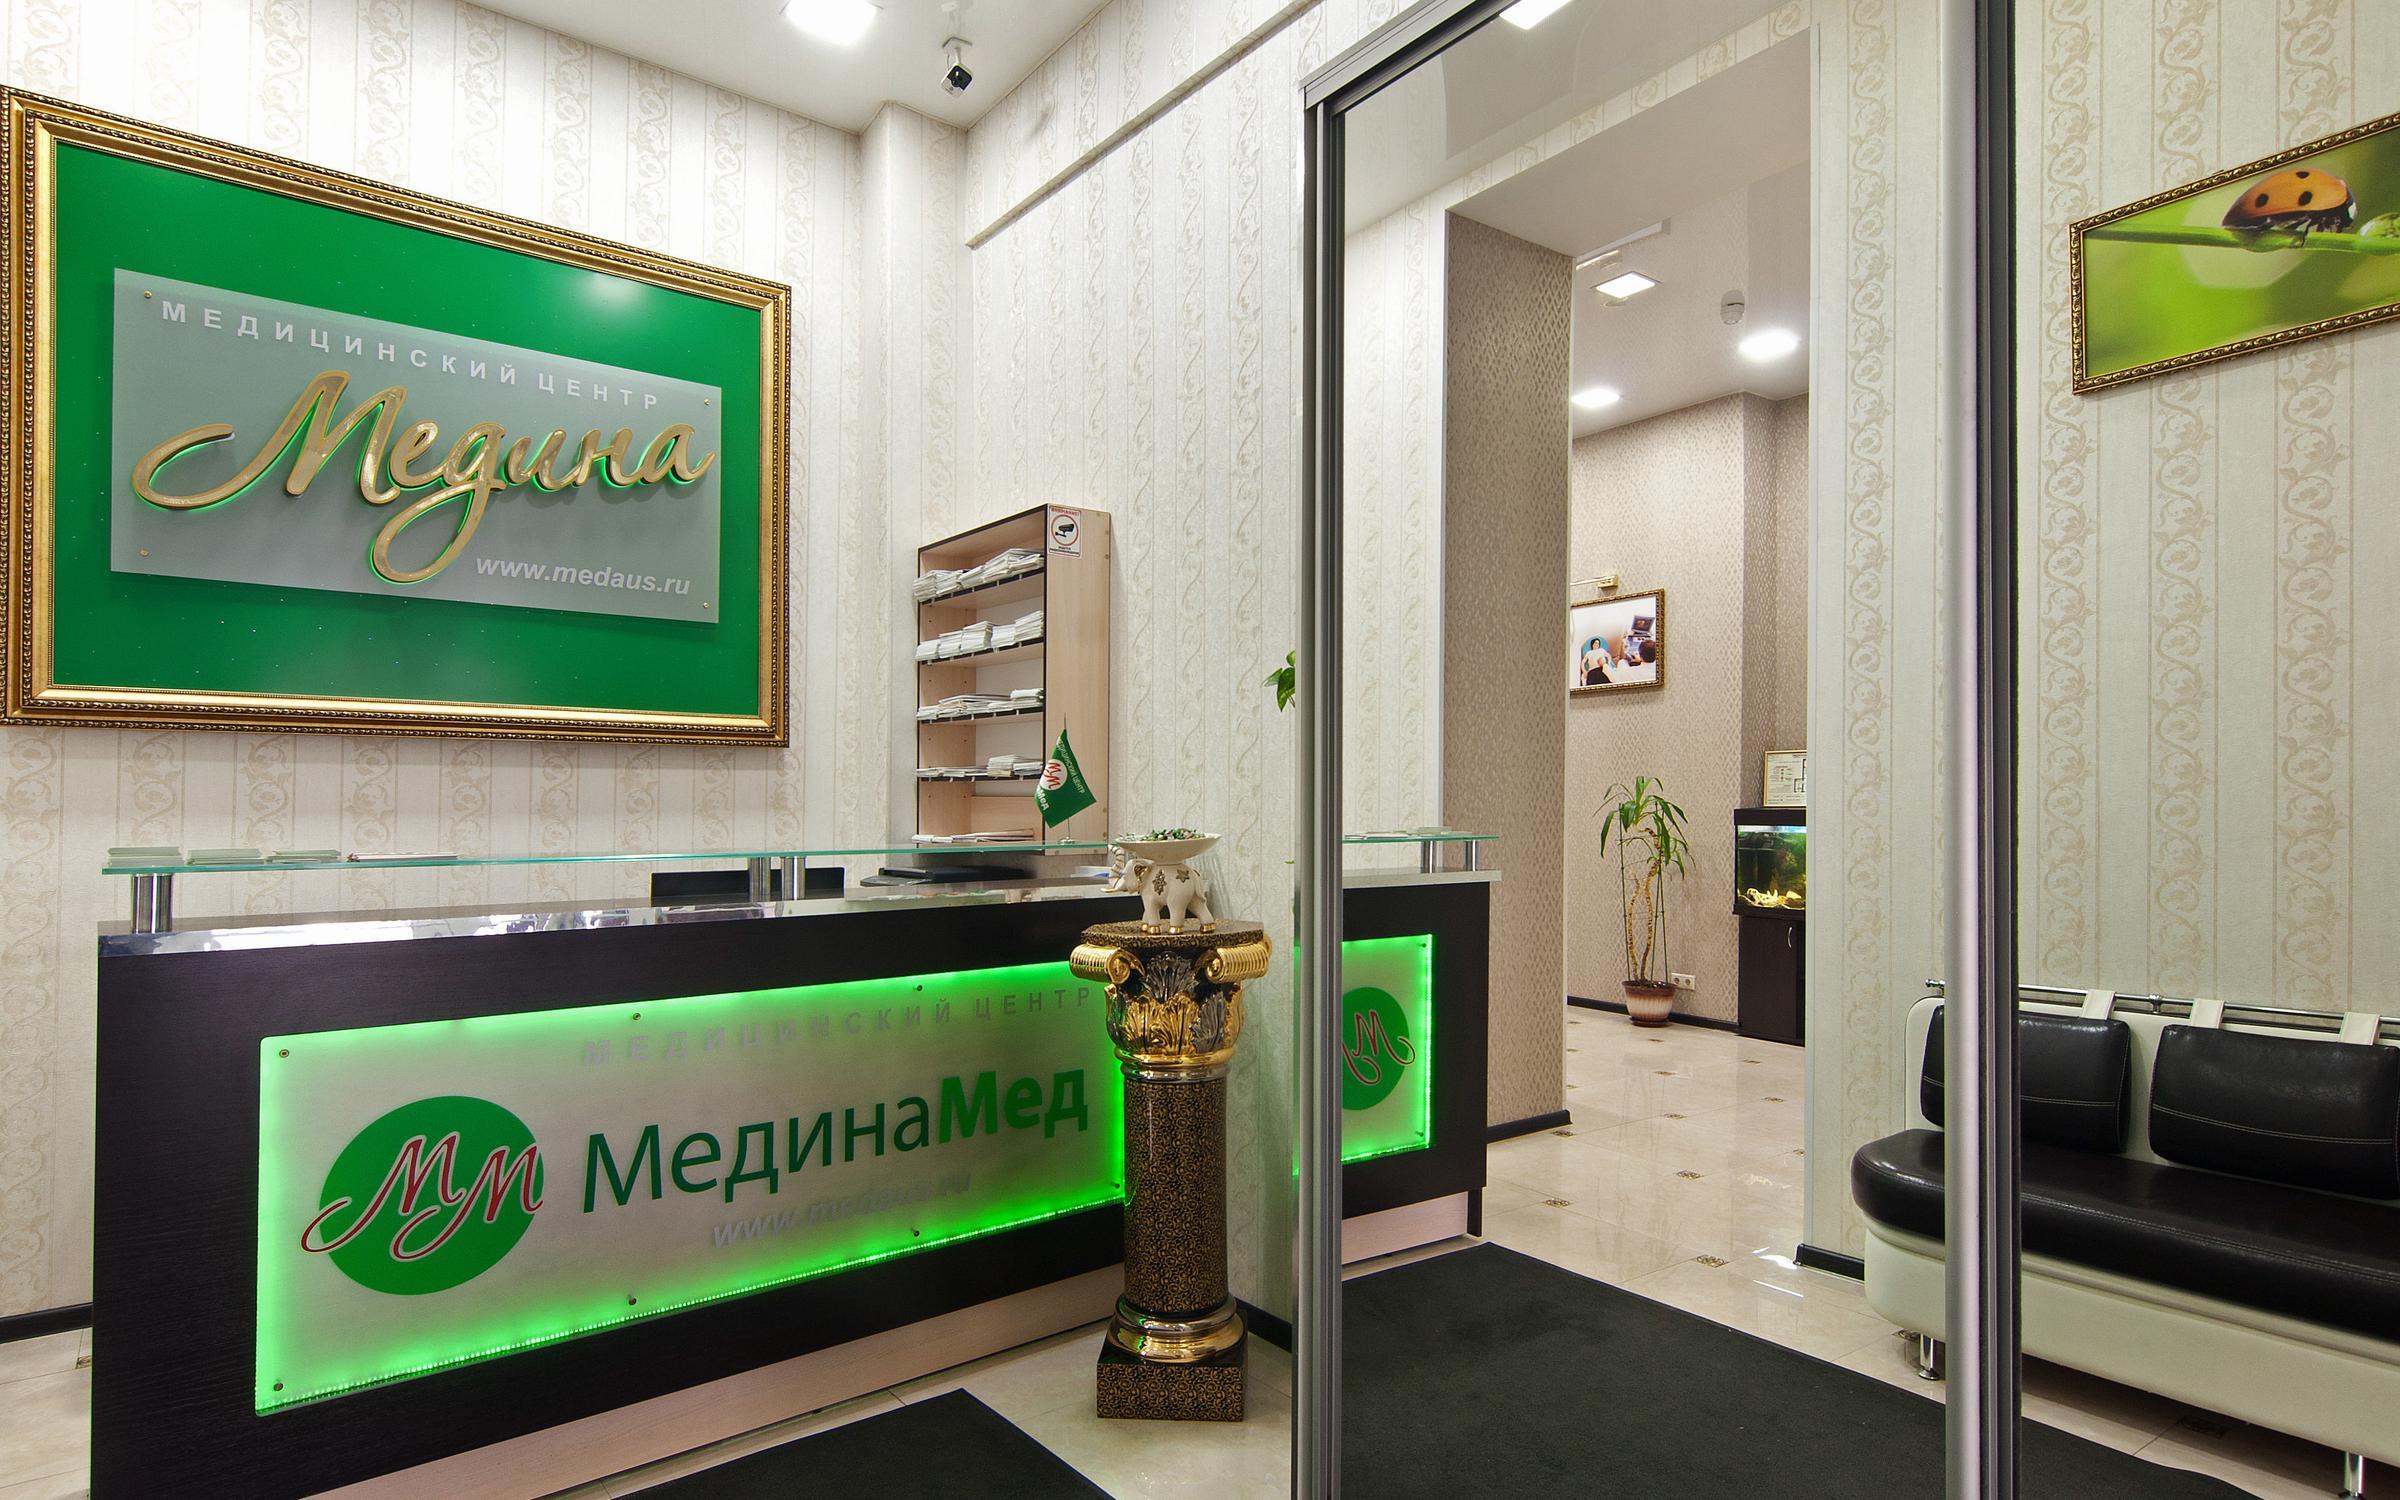 фотография Медицинского центра МединаМед на Яхромской улице